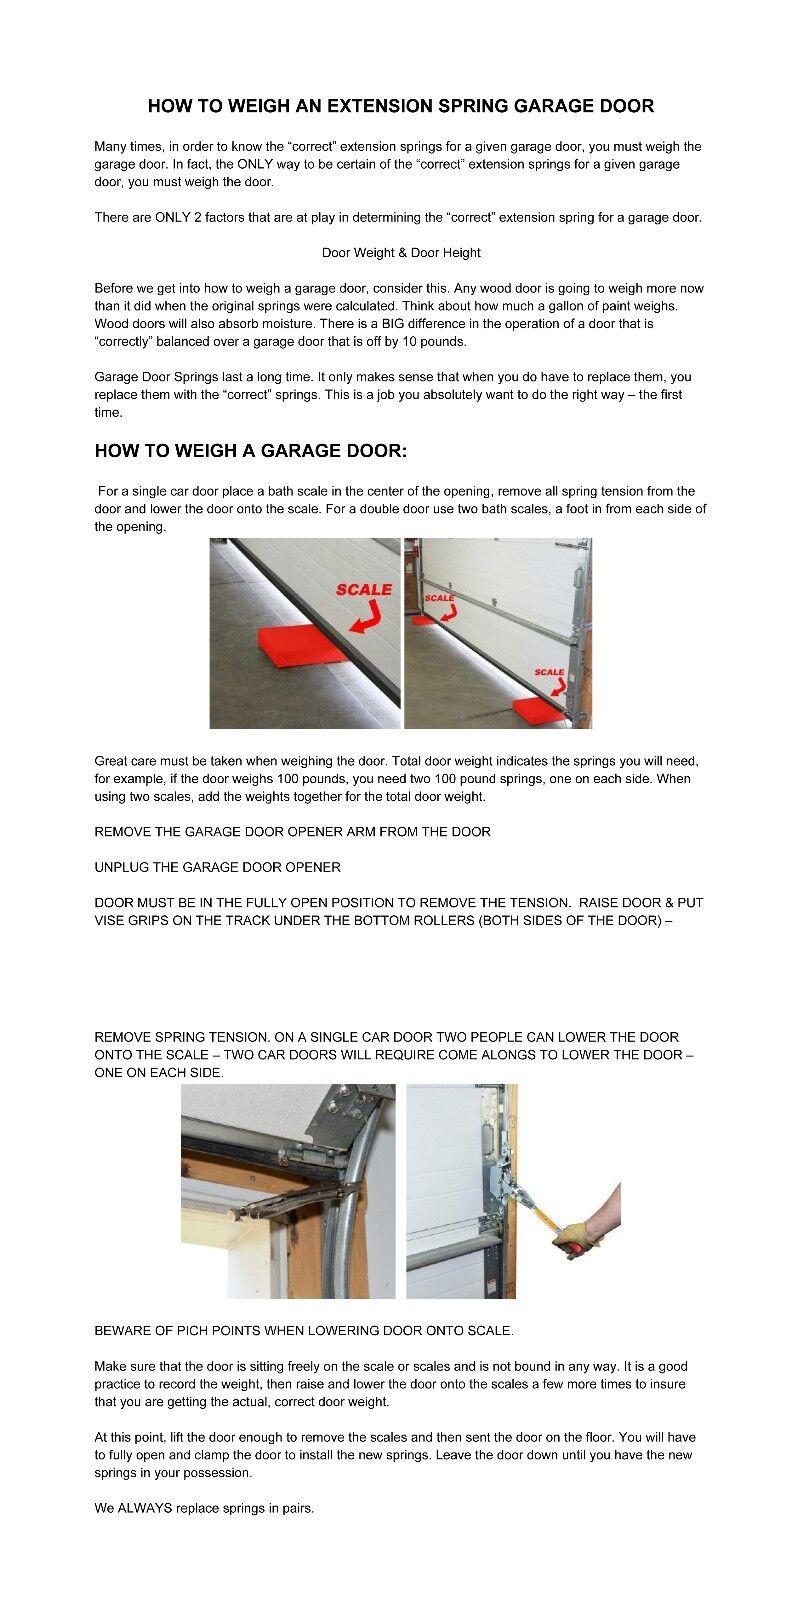 Garage Door Extension Springs For 8 Foot Tall Garage Door Ebay